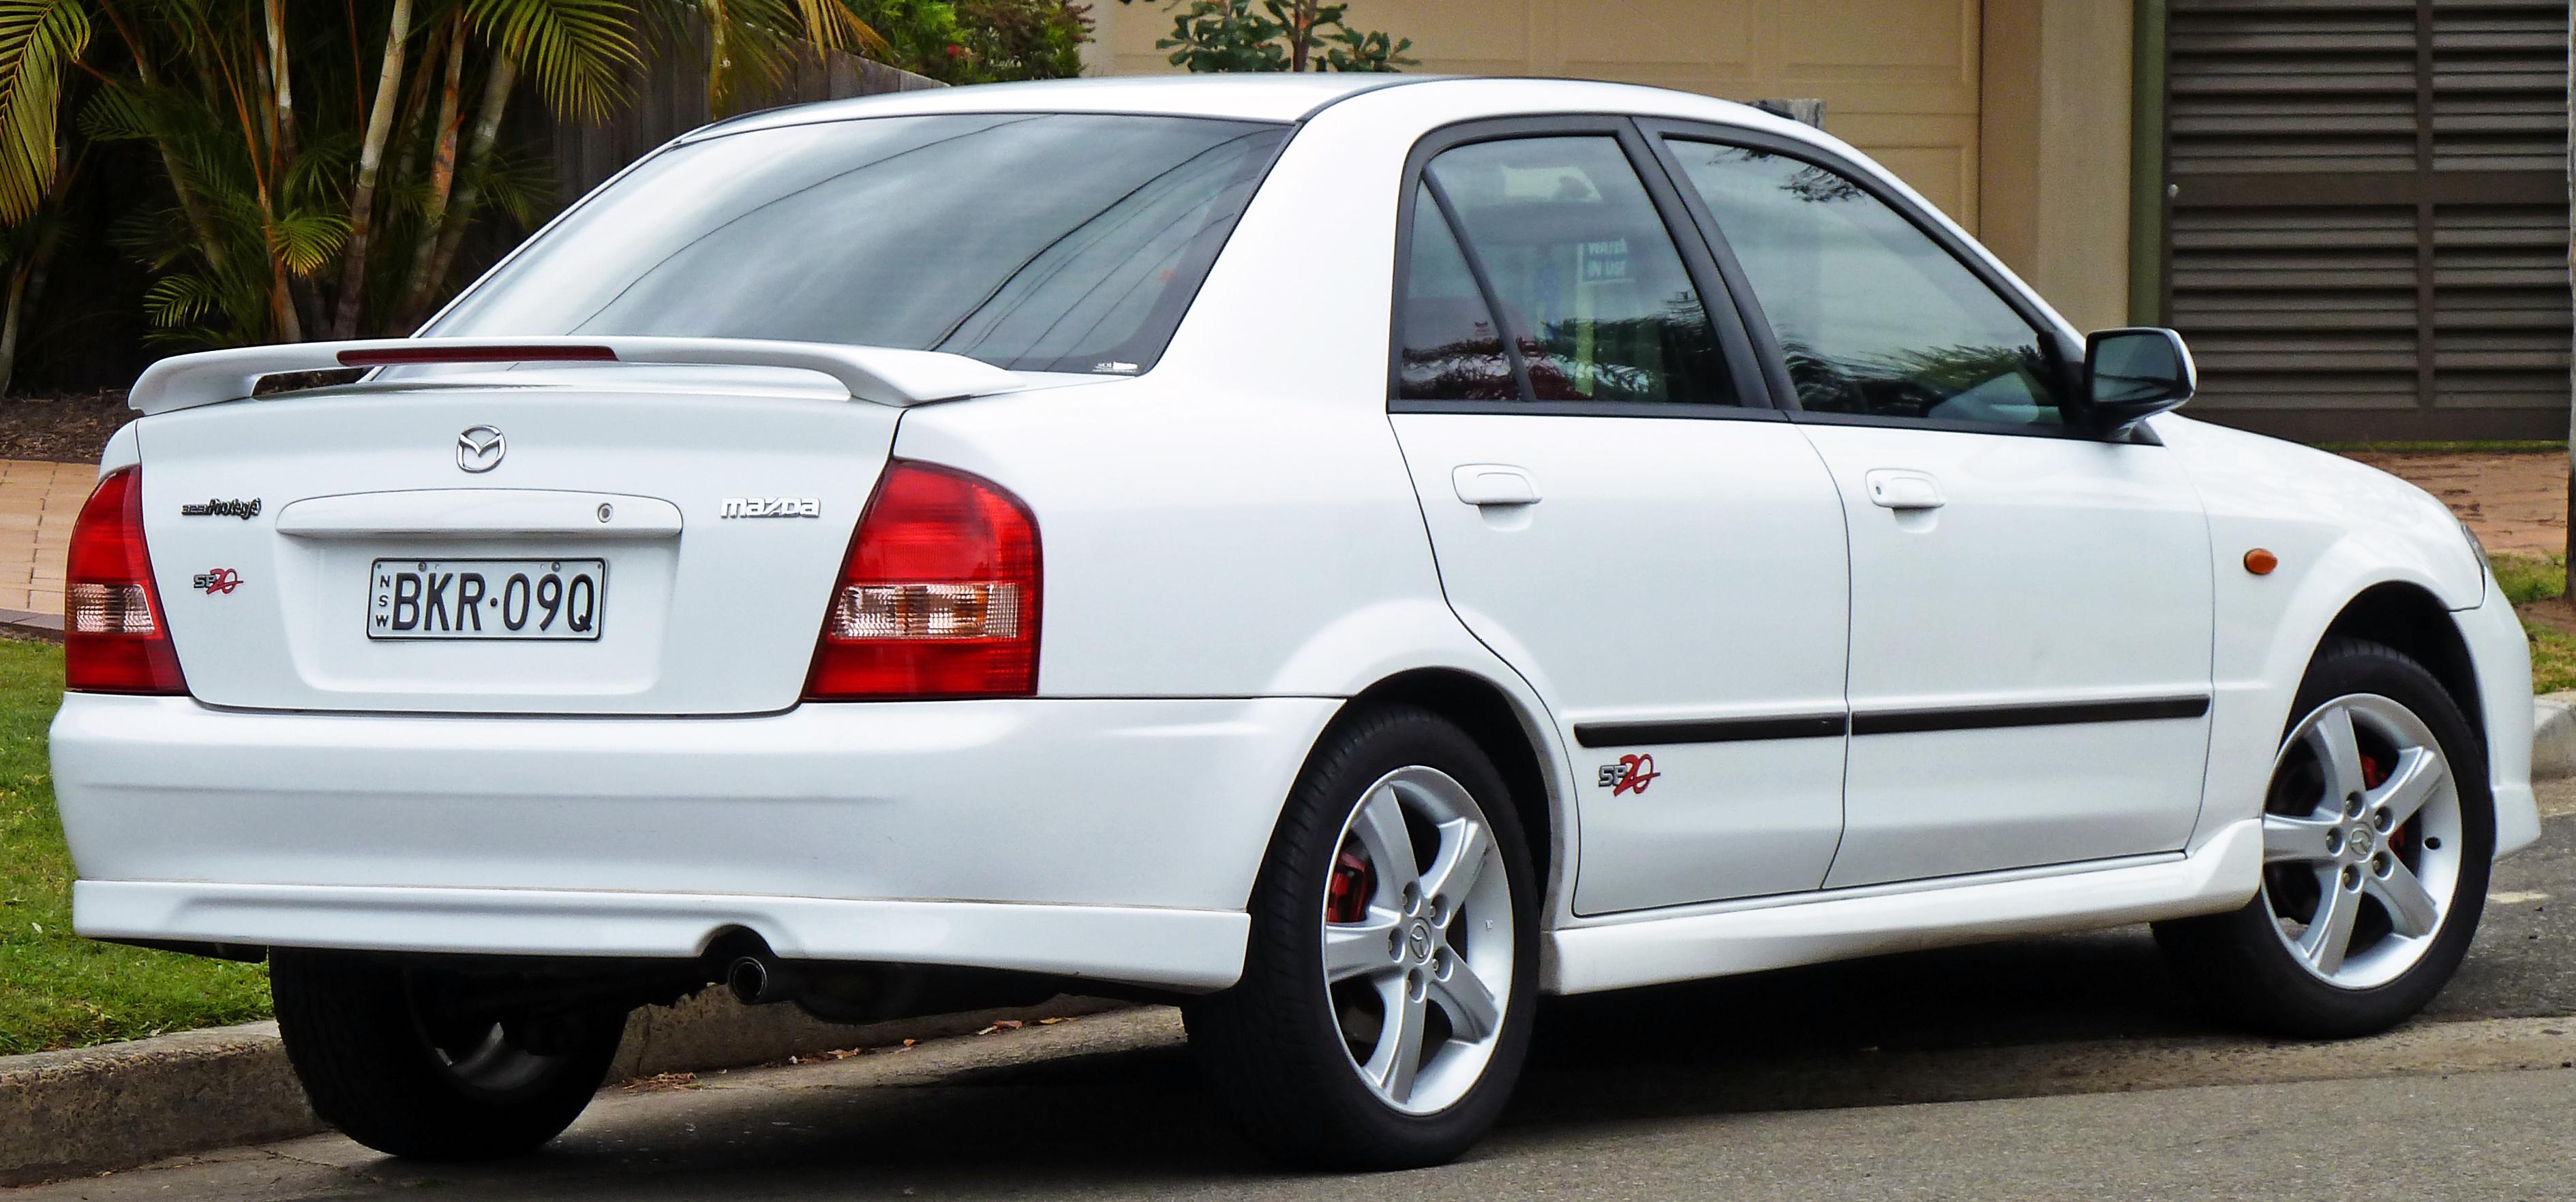 file:2002-2003 mazda 323 (bj series 2) protegé sp20 sedan 02